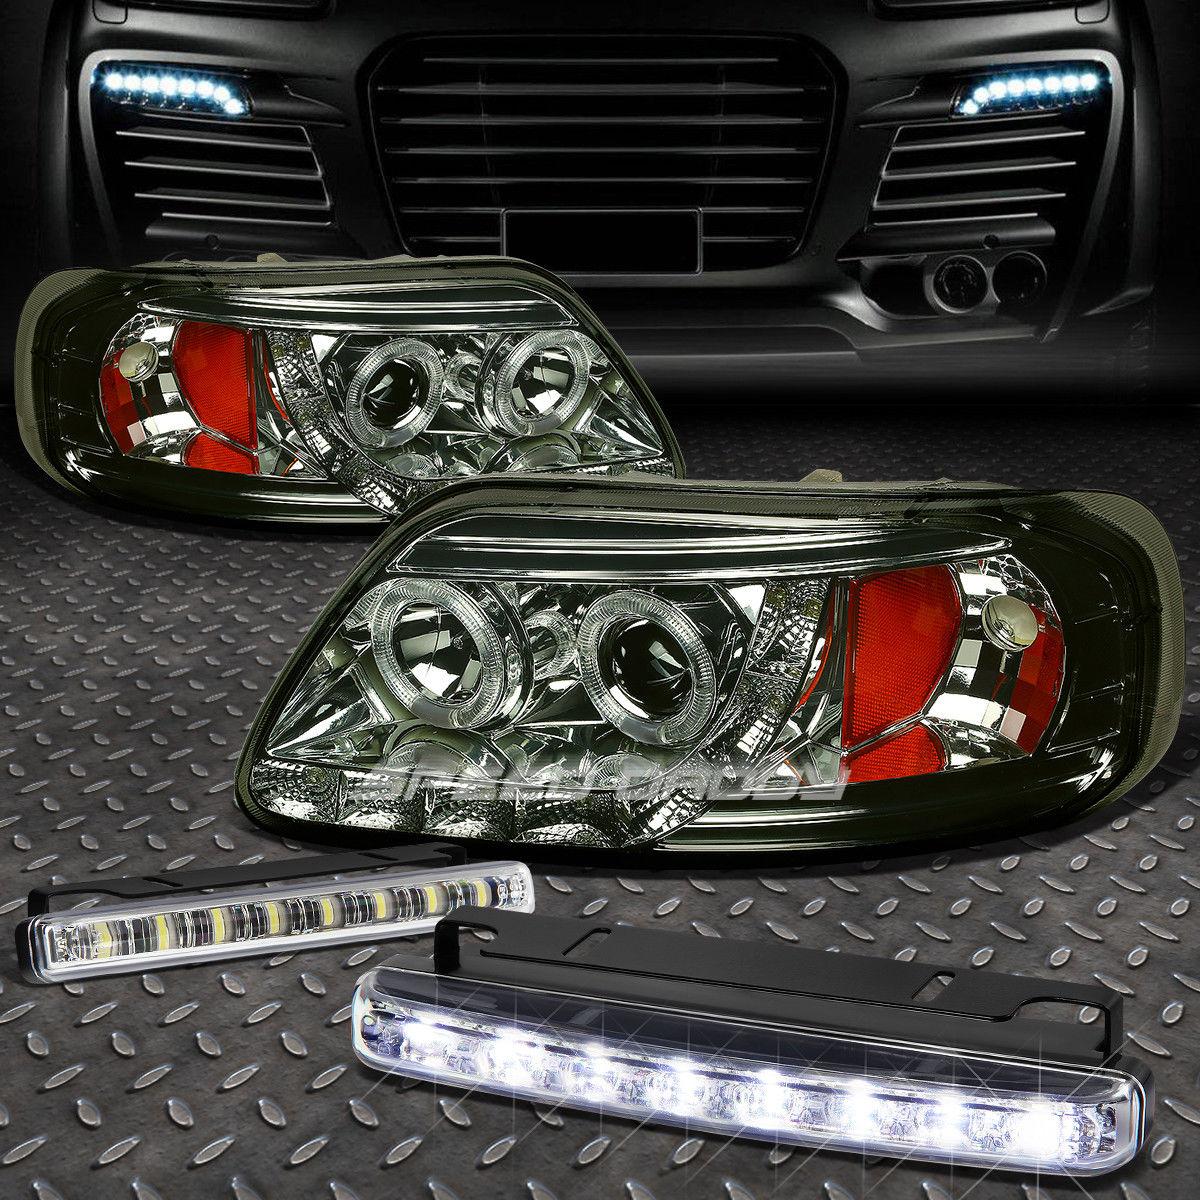 フォグライト SMOKED AMBER HALO PROJECTOR 1PC HEADLIGHT+8 LED GRILL FOG LIGHT FOR 97-03 F150 SMOKEDアンバーハロープロジェクター1PCヘッドライト+ 8 LEDグリルフォグライト97-03 F150用